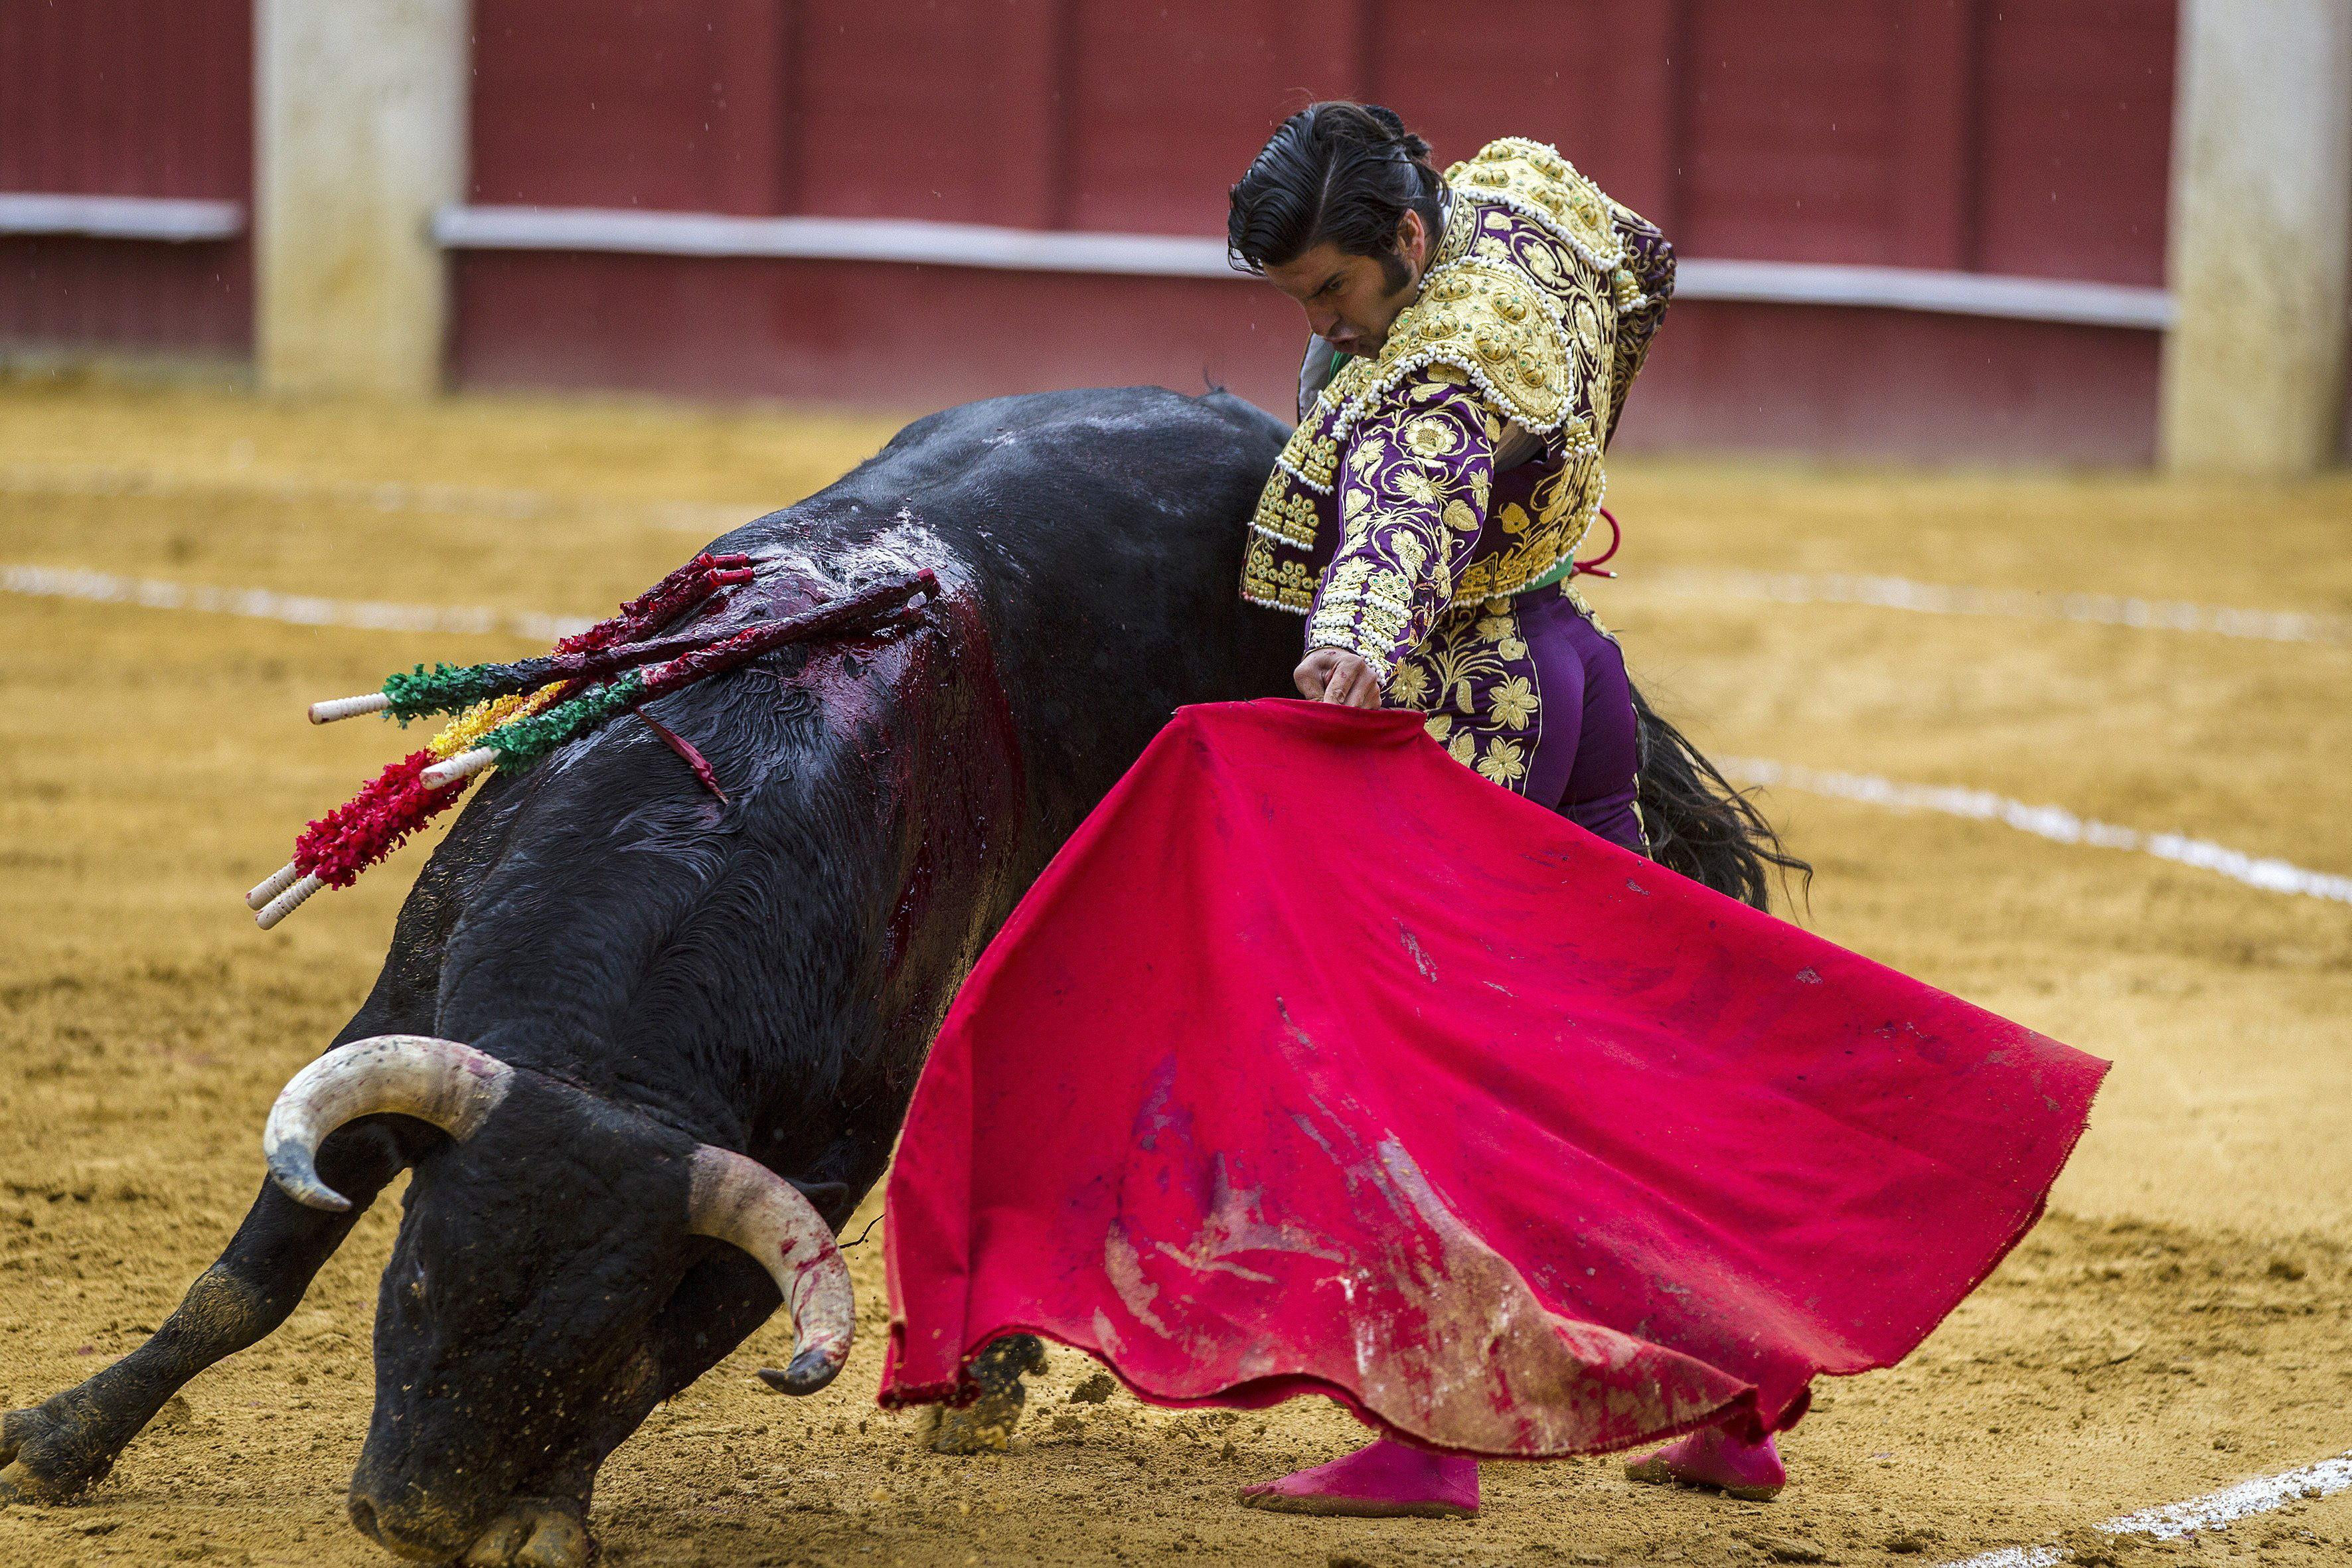 Morante se lesiona y hace peligrar el mano a mano con Finito en Zaragoza